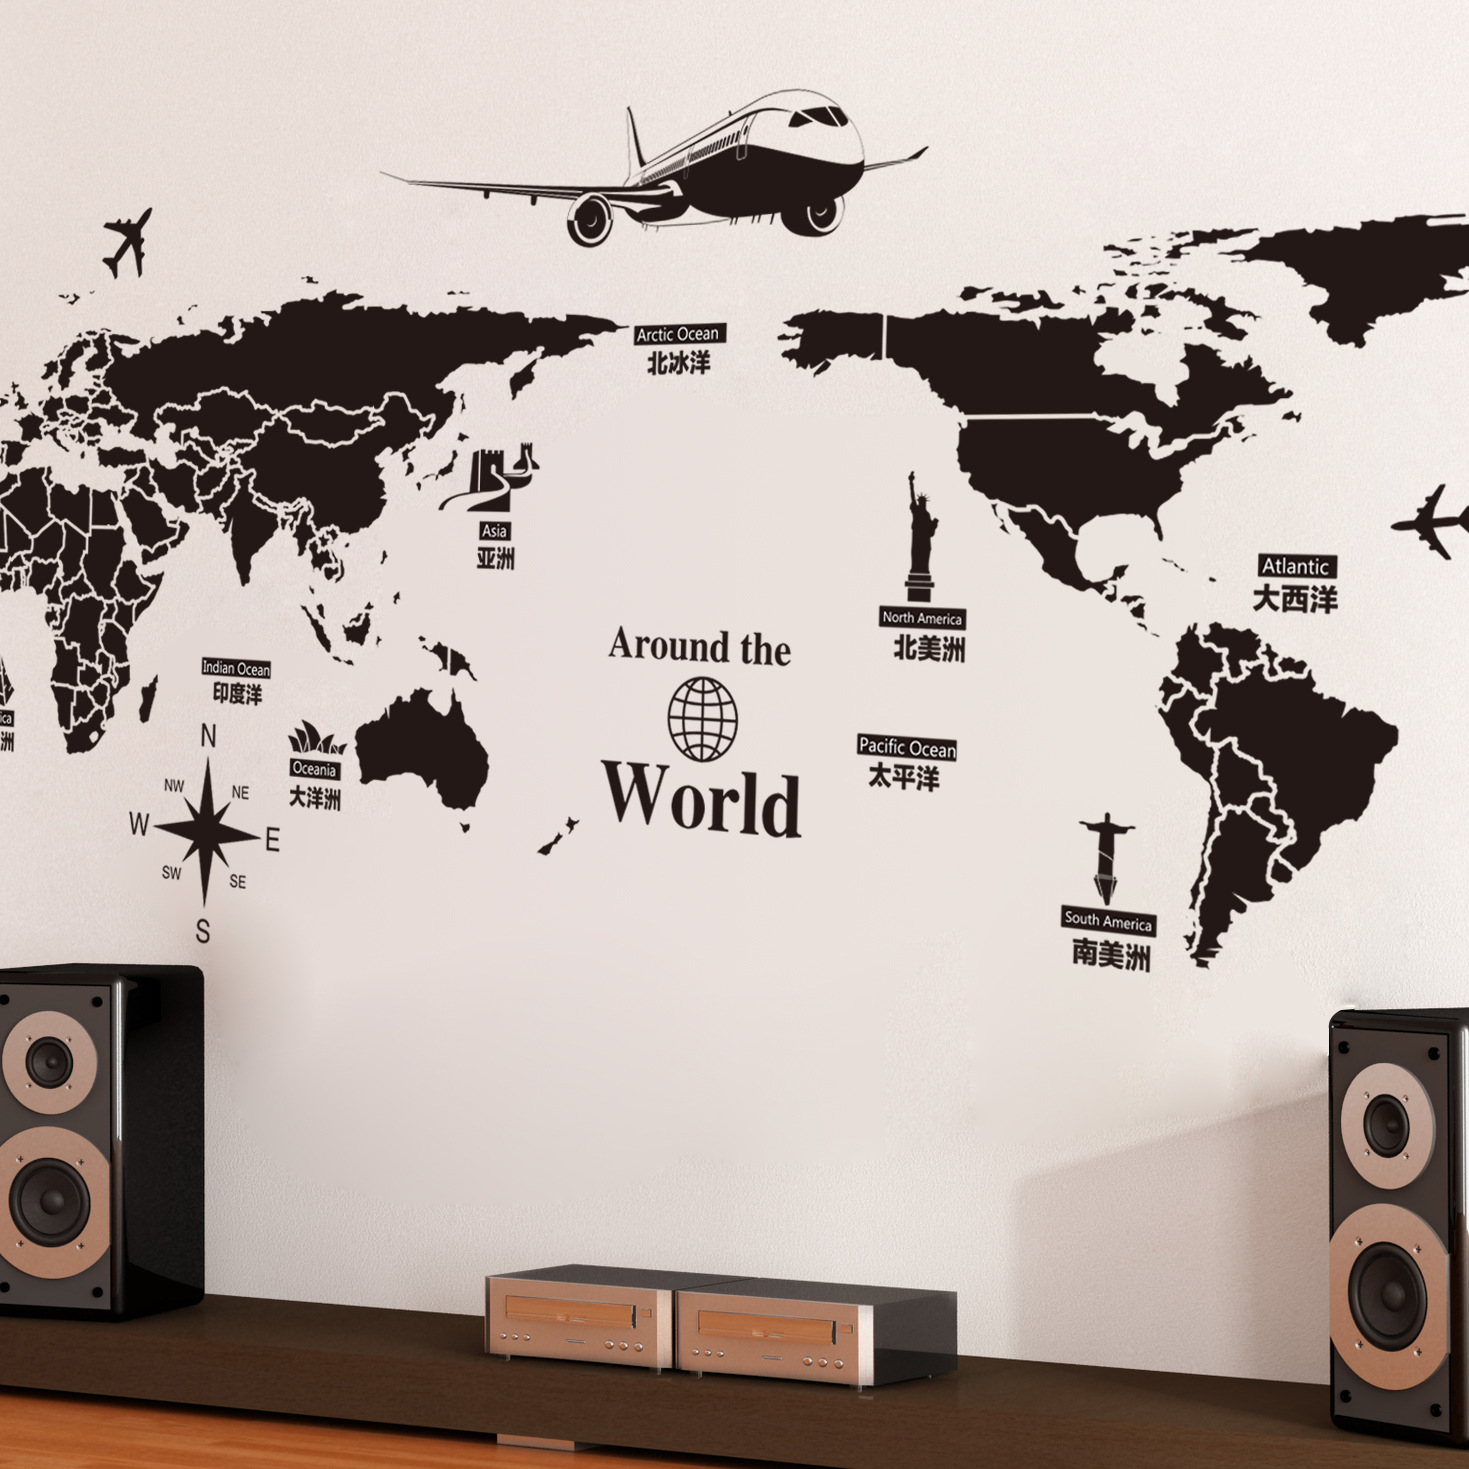 Карта мира наклейки на стены Съемная ПВХ карта мира Художественные наклейки для гостиной Home Decor